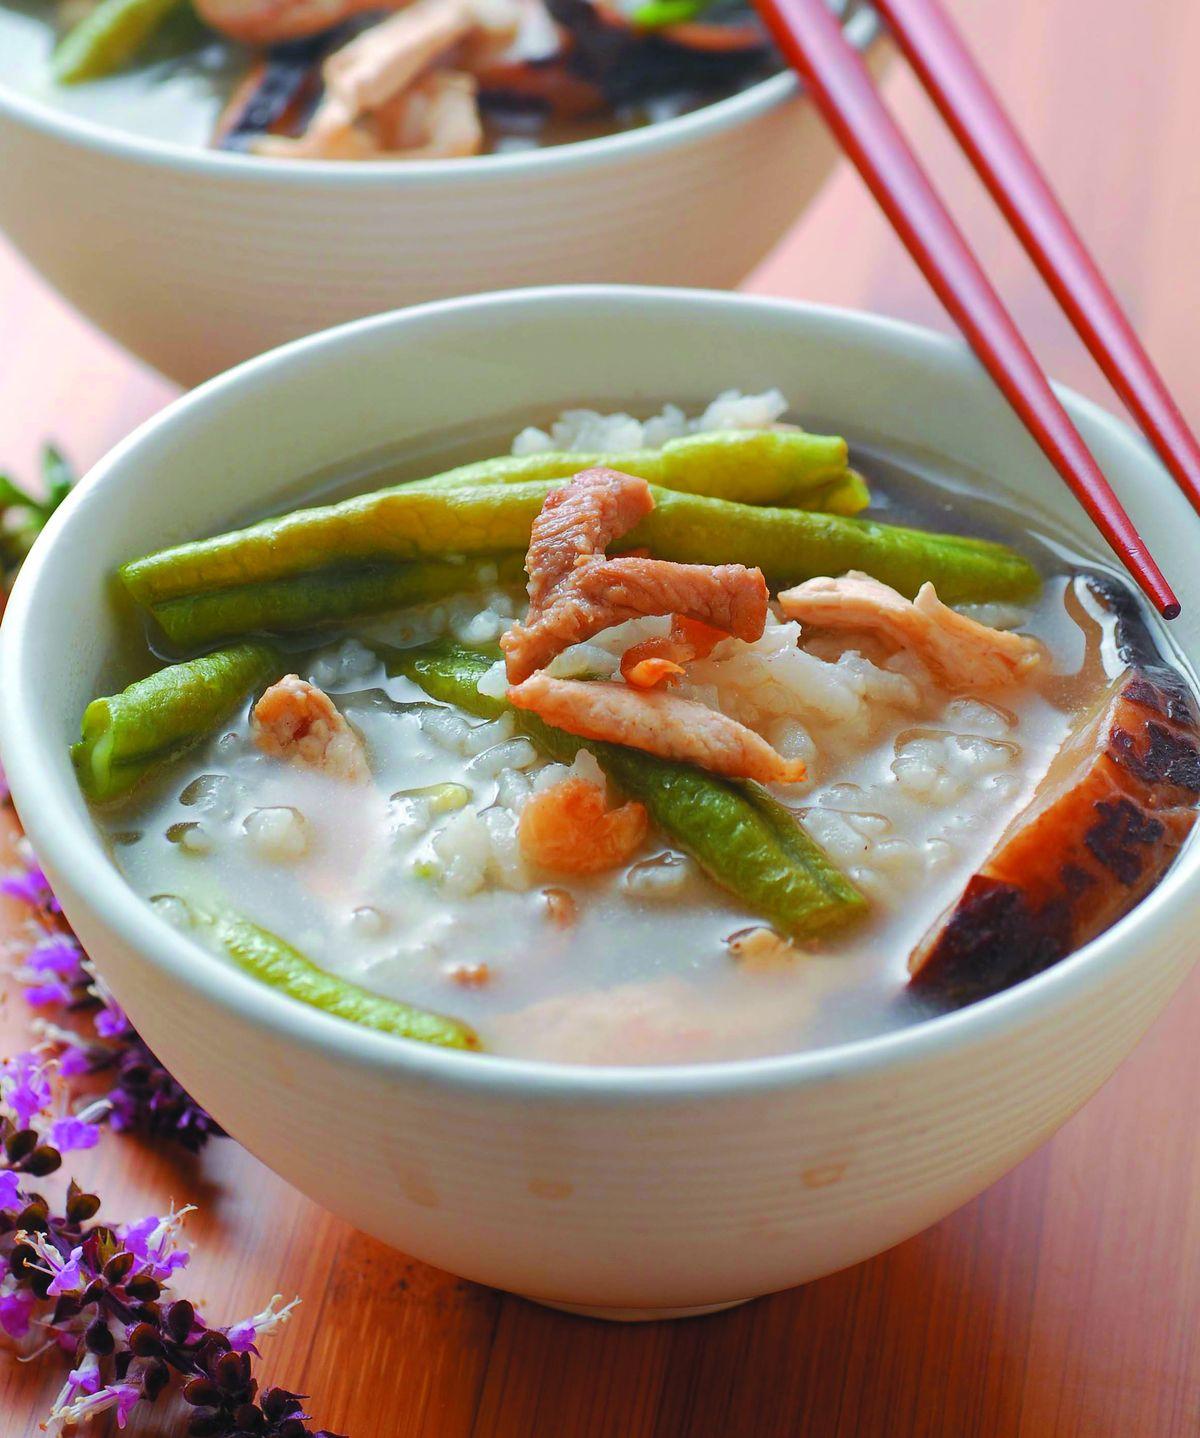 食譜:長豆粥